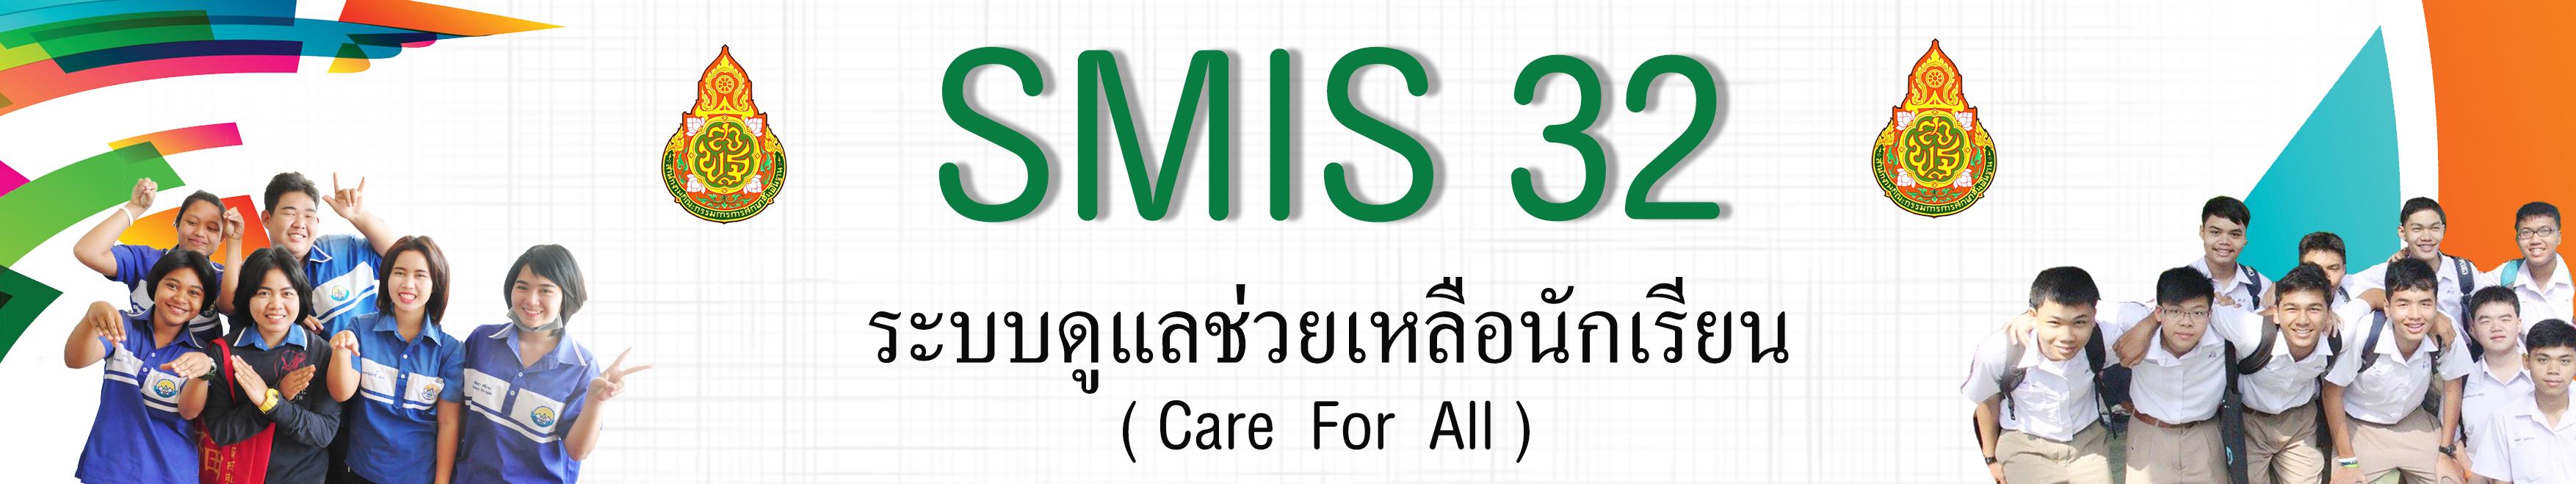 www.smis32.com